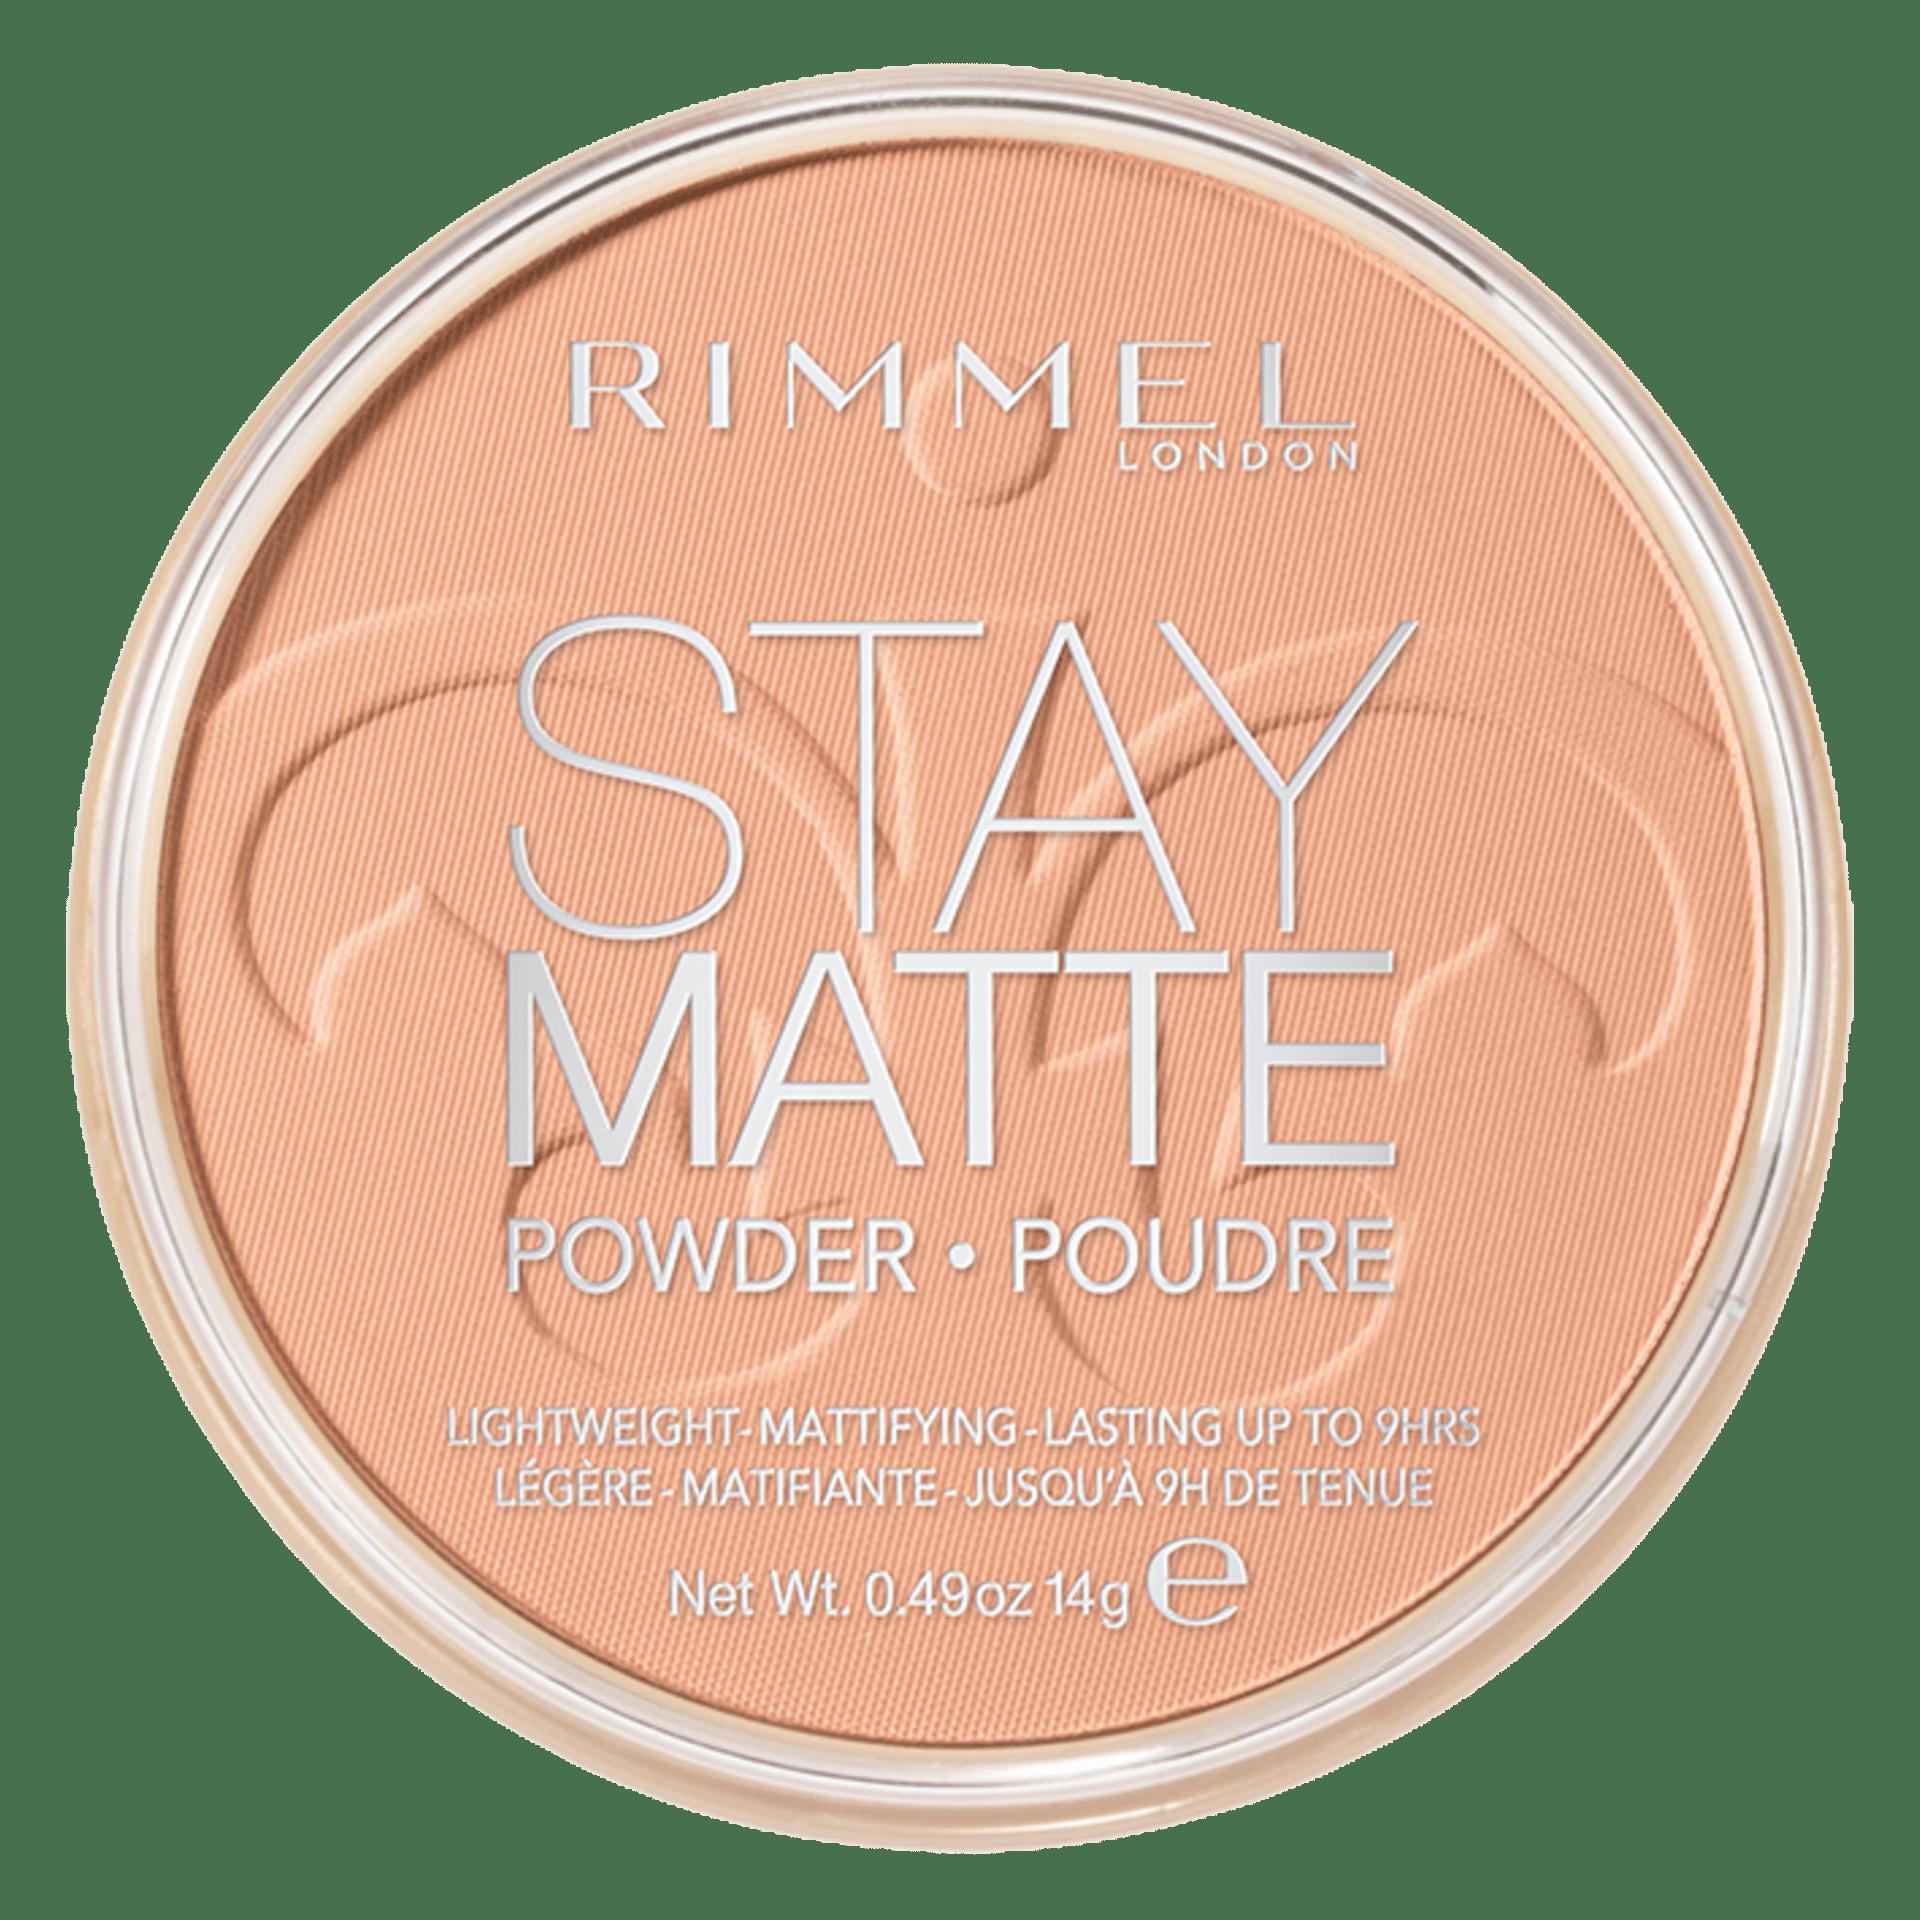 Image of Rimmel Stay Matte Cipria Compatta - 009 Amber